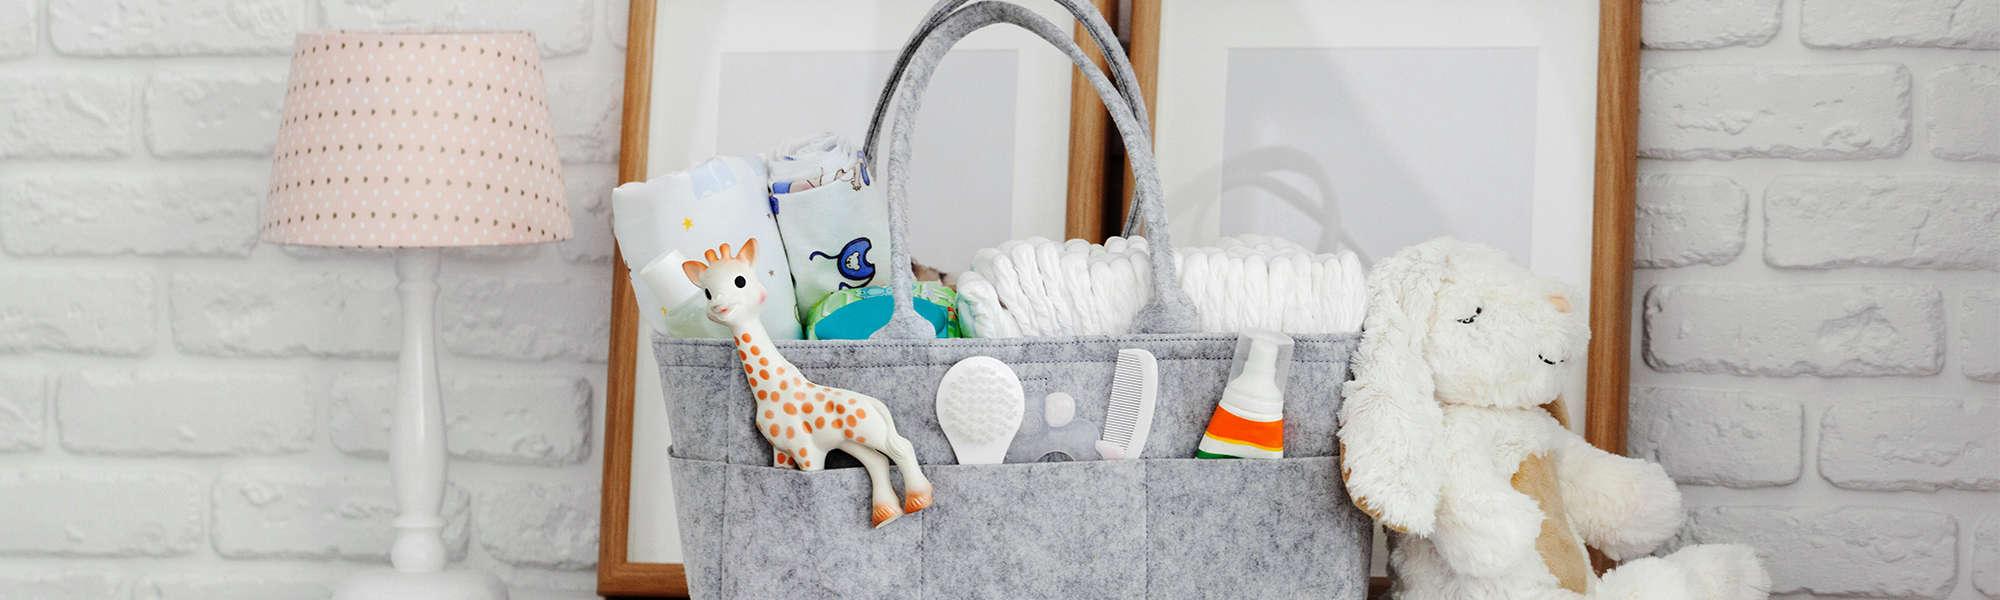 5 Parenting Essentials Every Handbag Needs